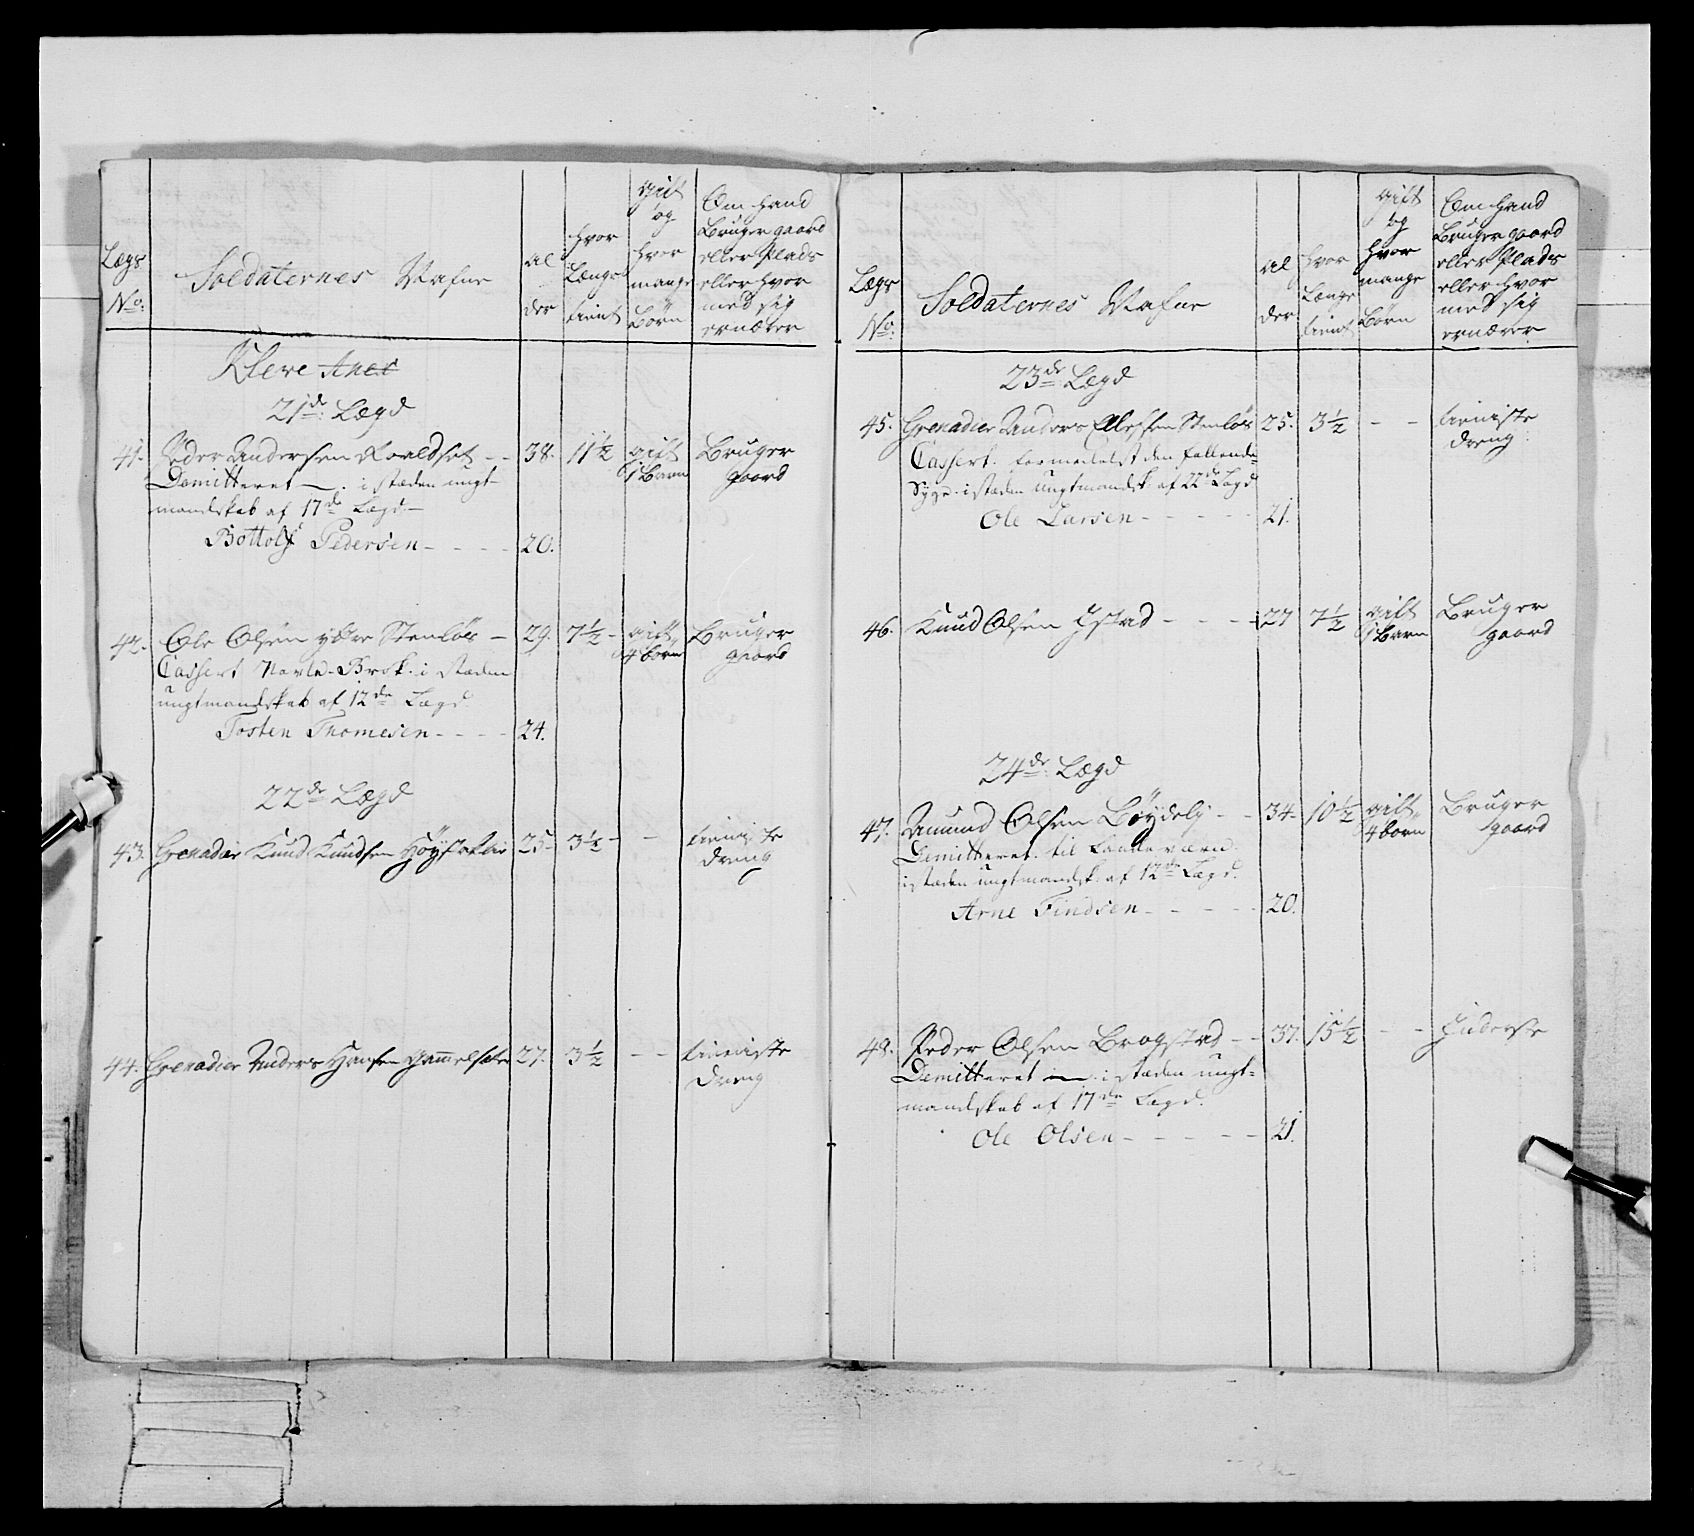 RA, Generalitets- og kommissariatskollegiet, Det kongelige norske kommissariatskollegium, E/Eh/L0076: 2. Trondheimske nasjonale infanteriregiment, 1766-1773, s. 474